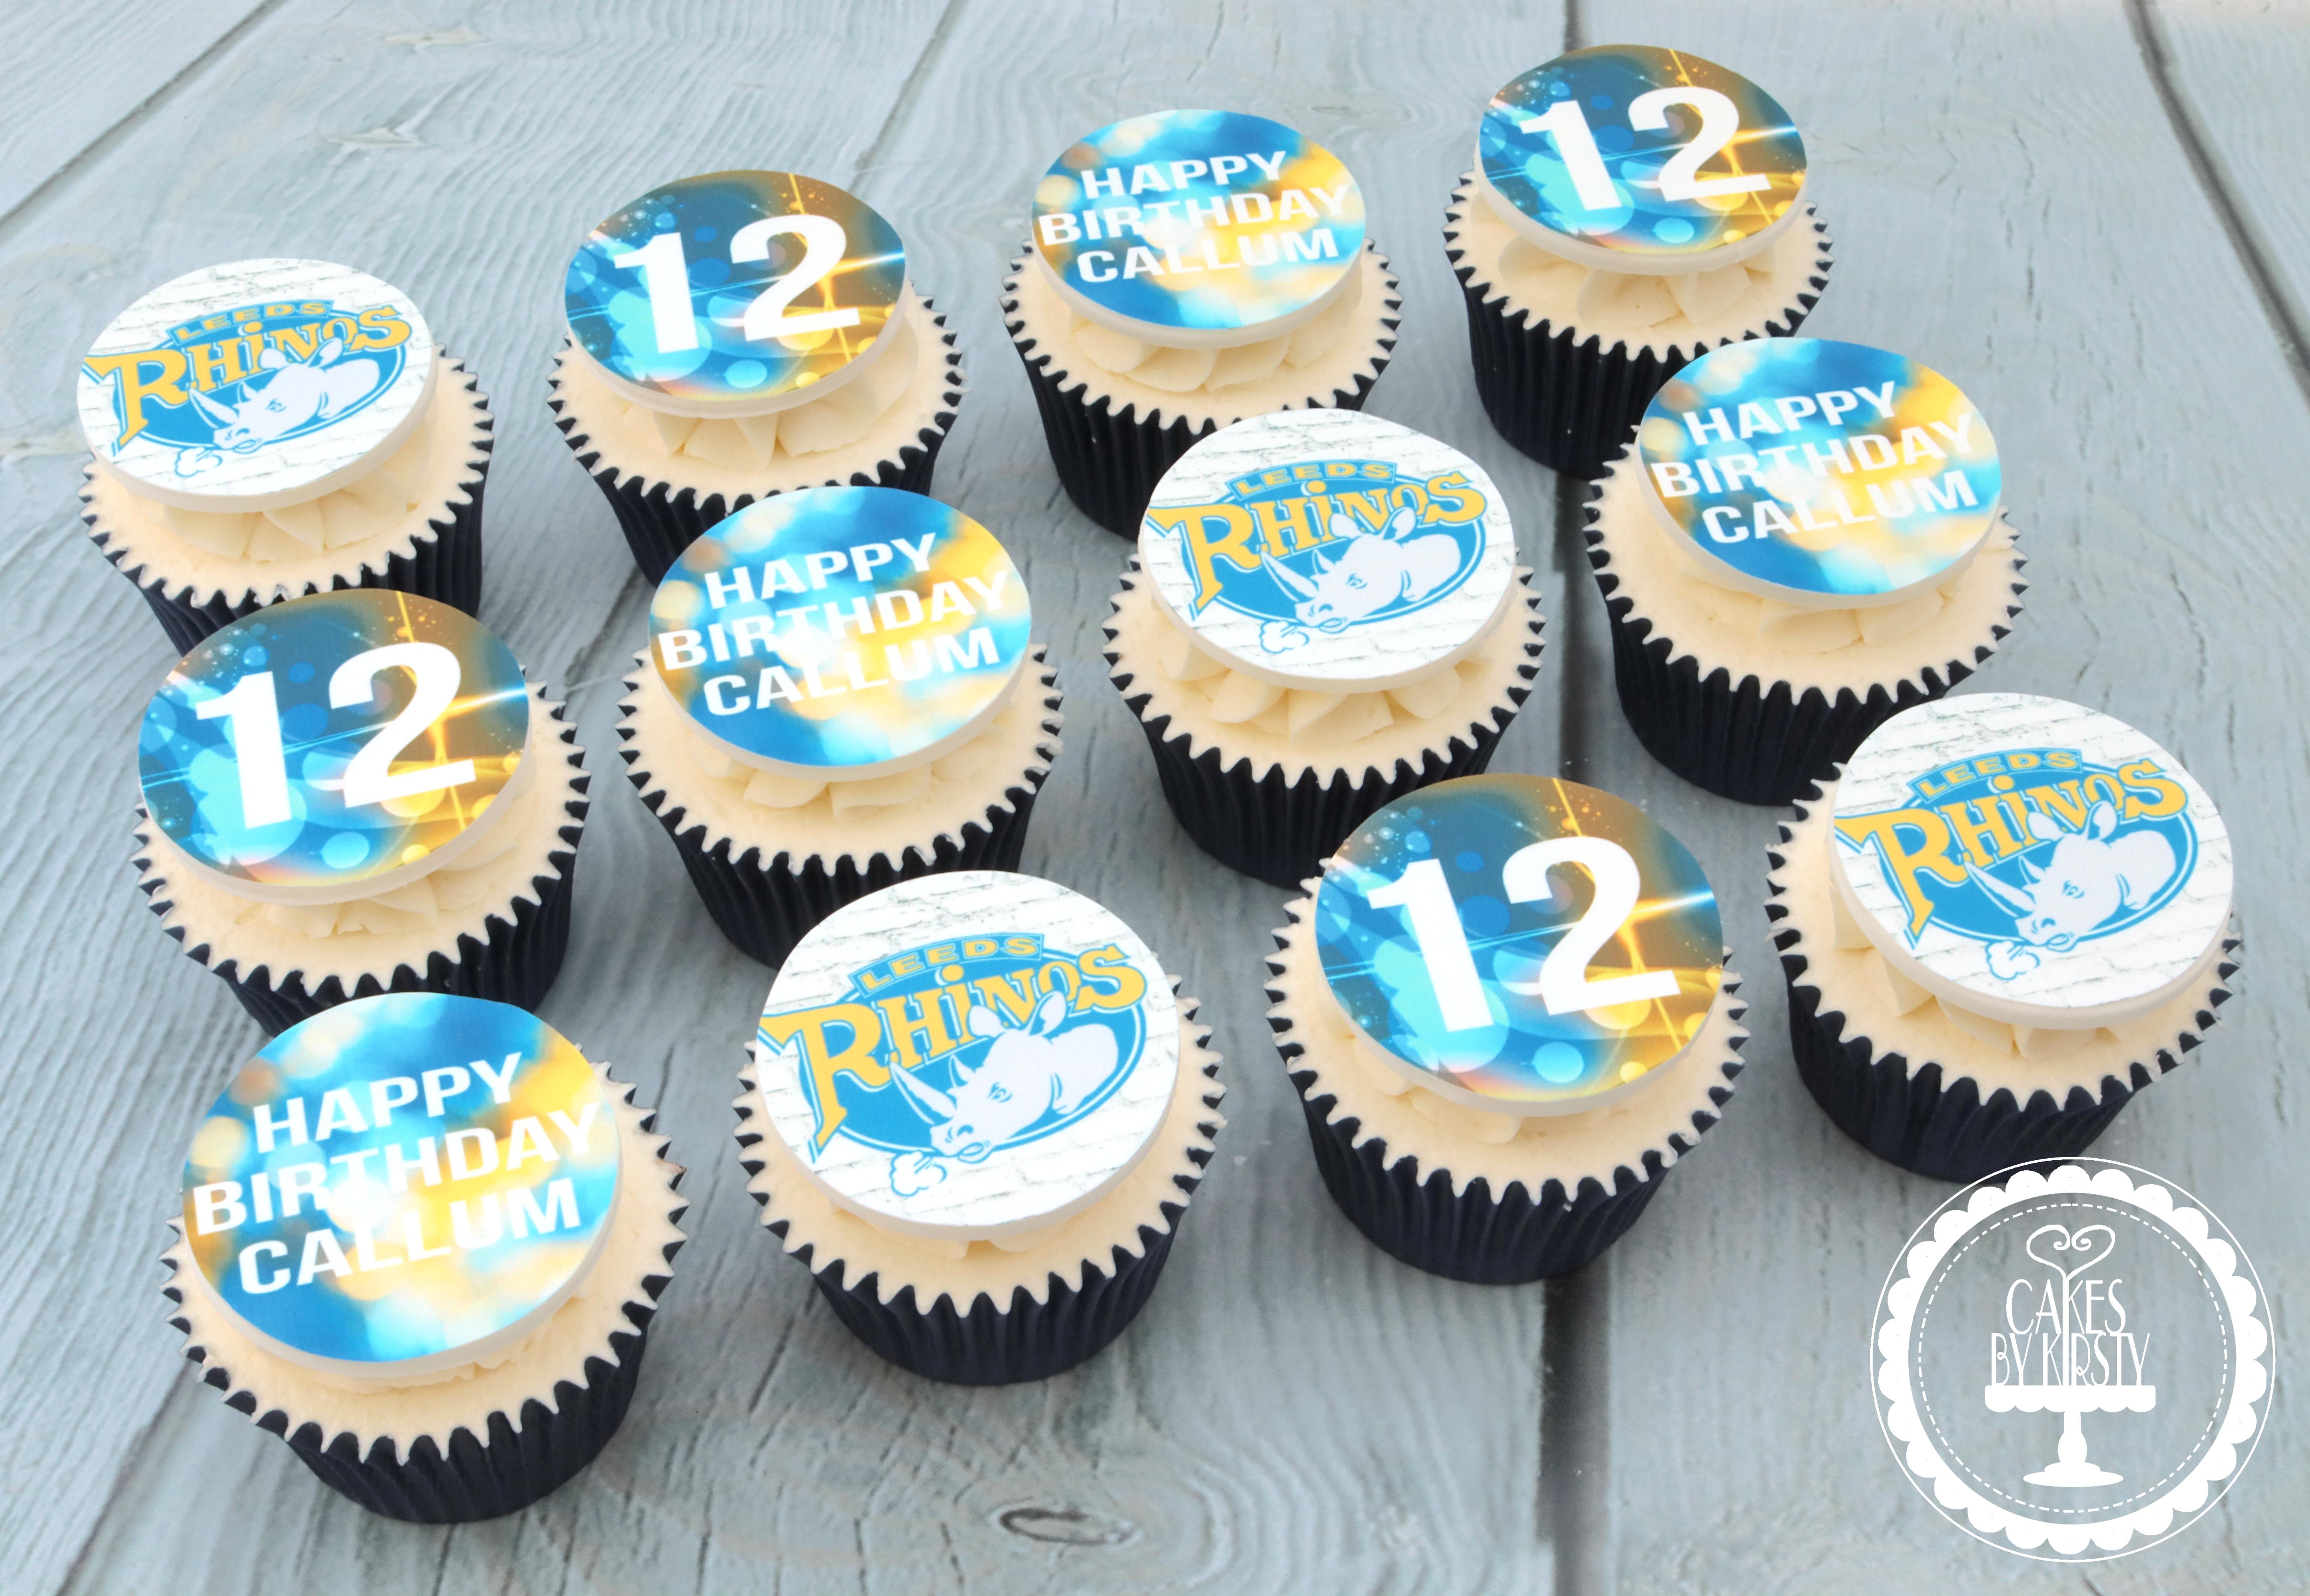 20190818 - Leeds Rhinos Cupcakes